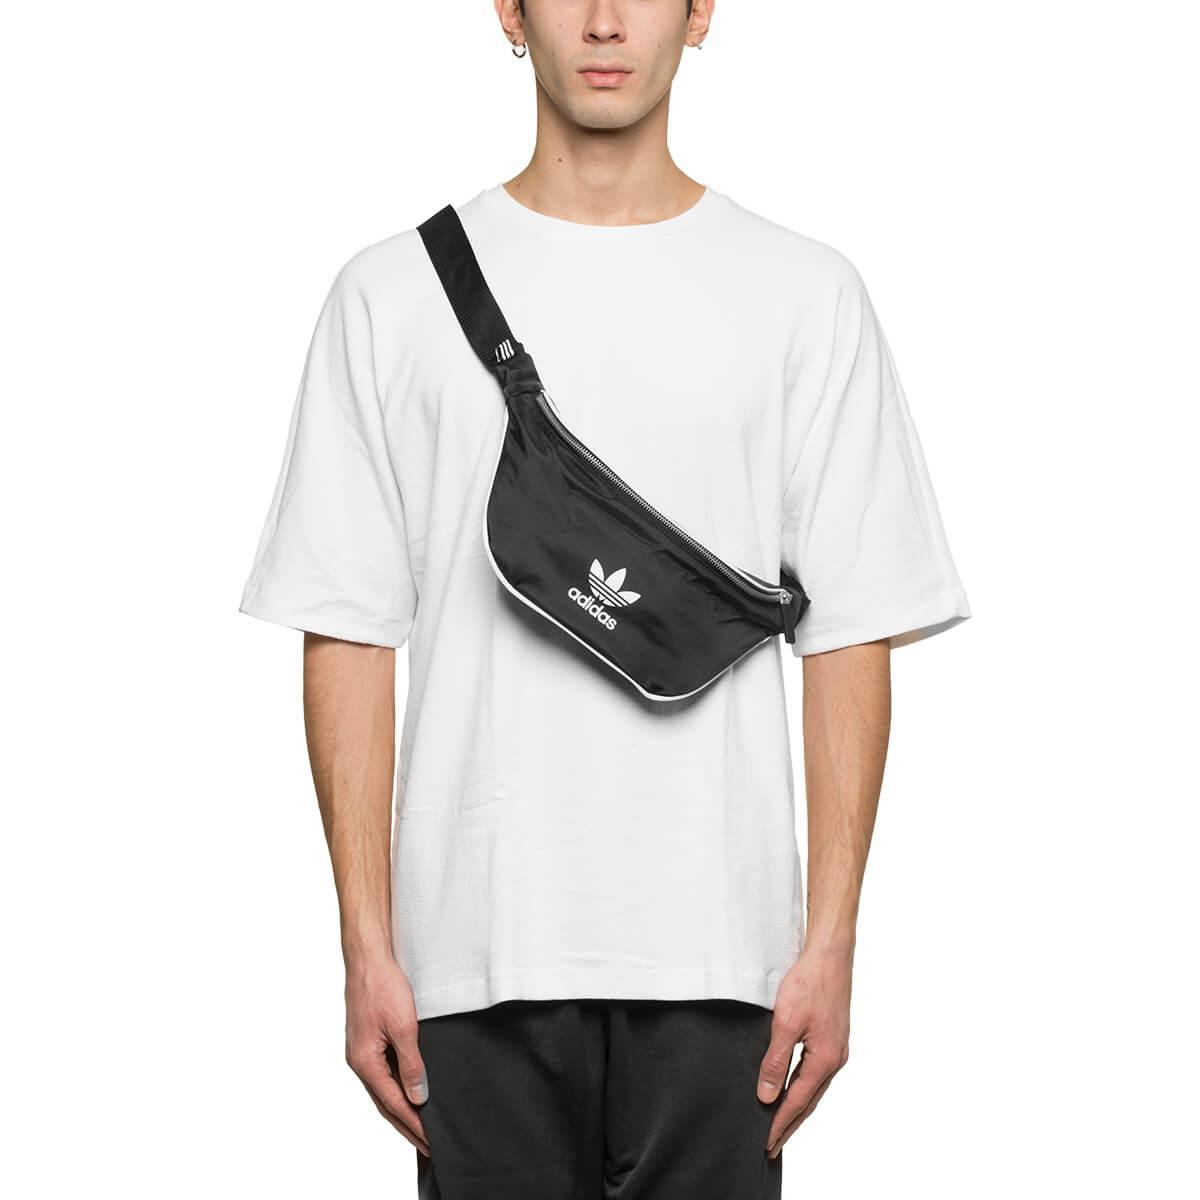 80c3405db7 Lyst - adidas Originals Waistbag Adicolor in Black for Men